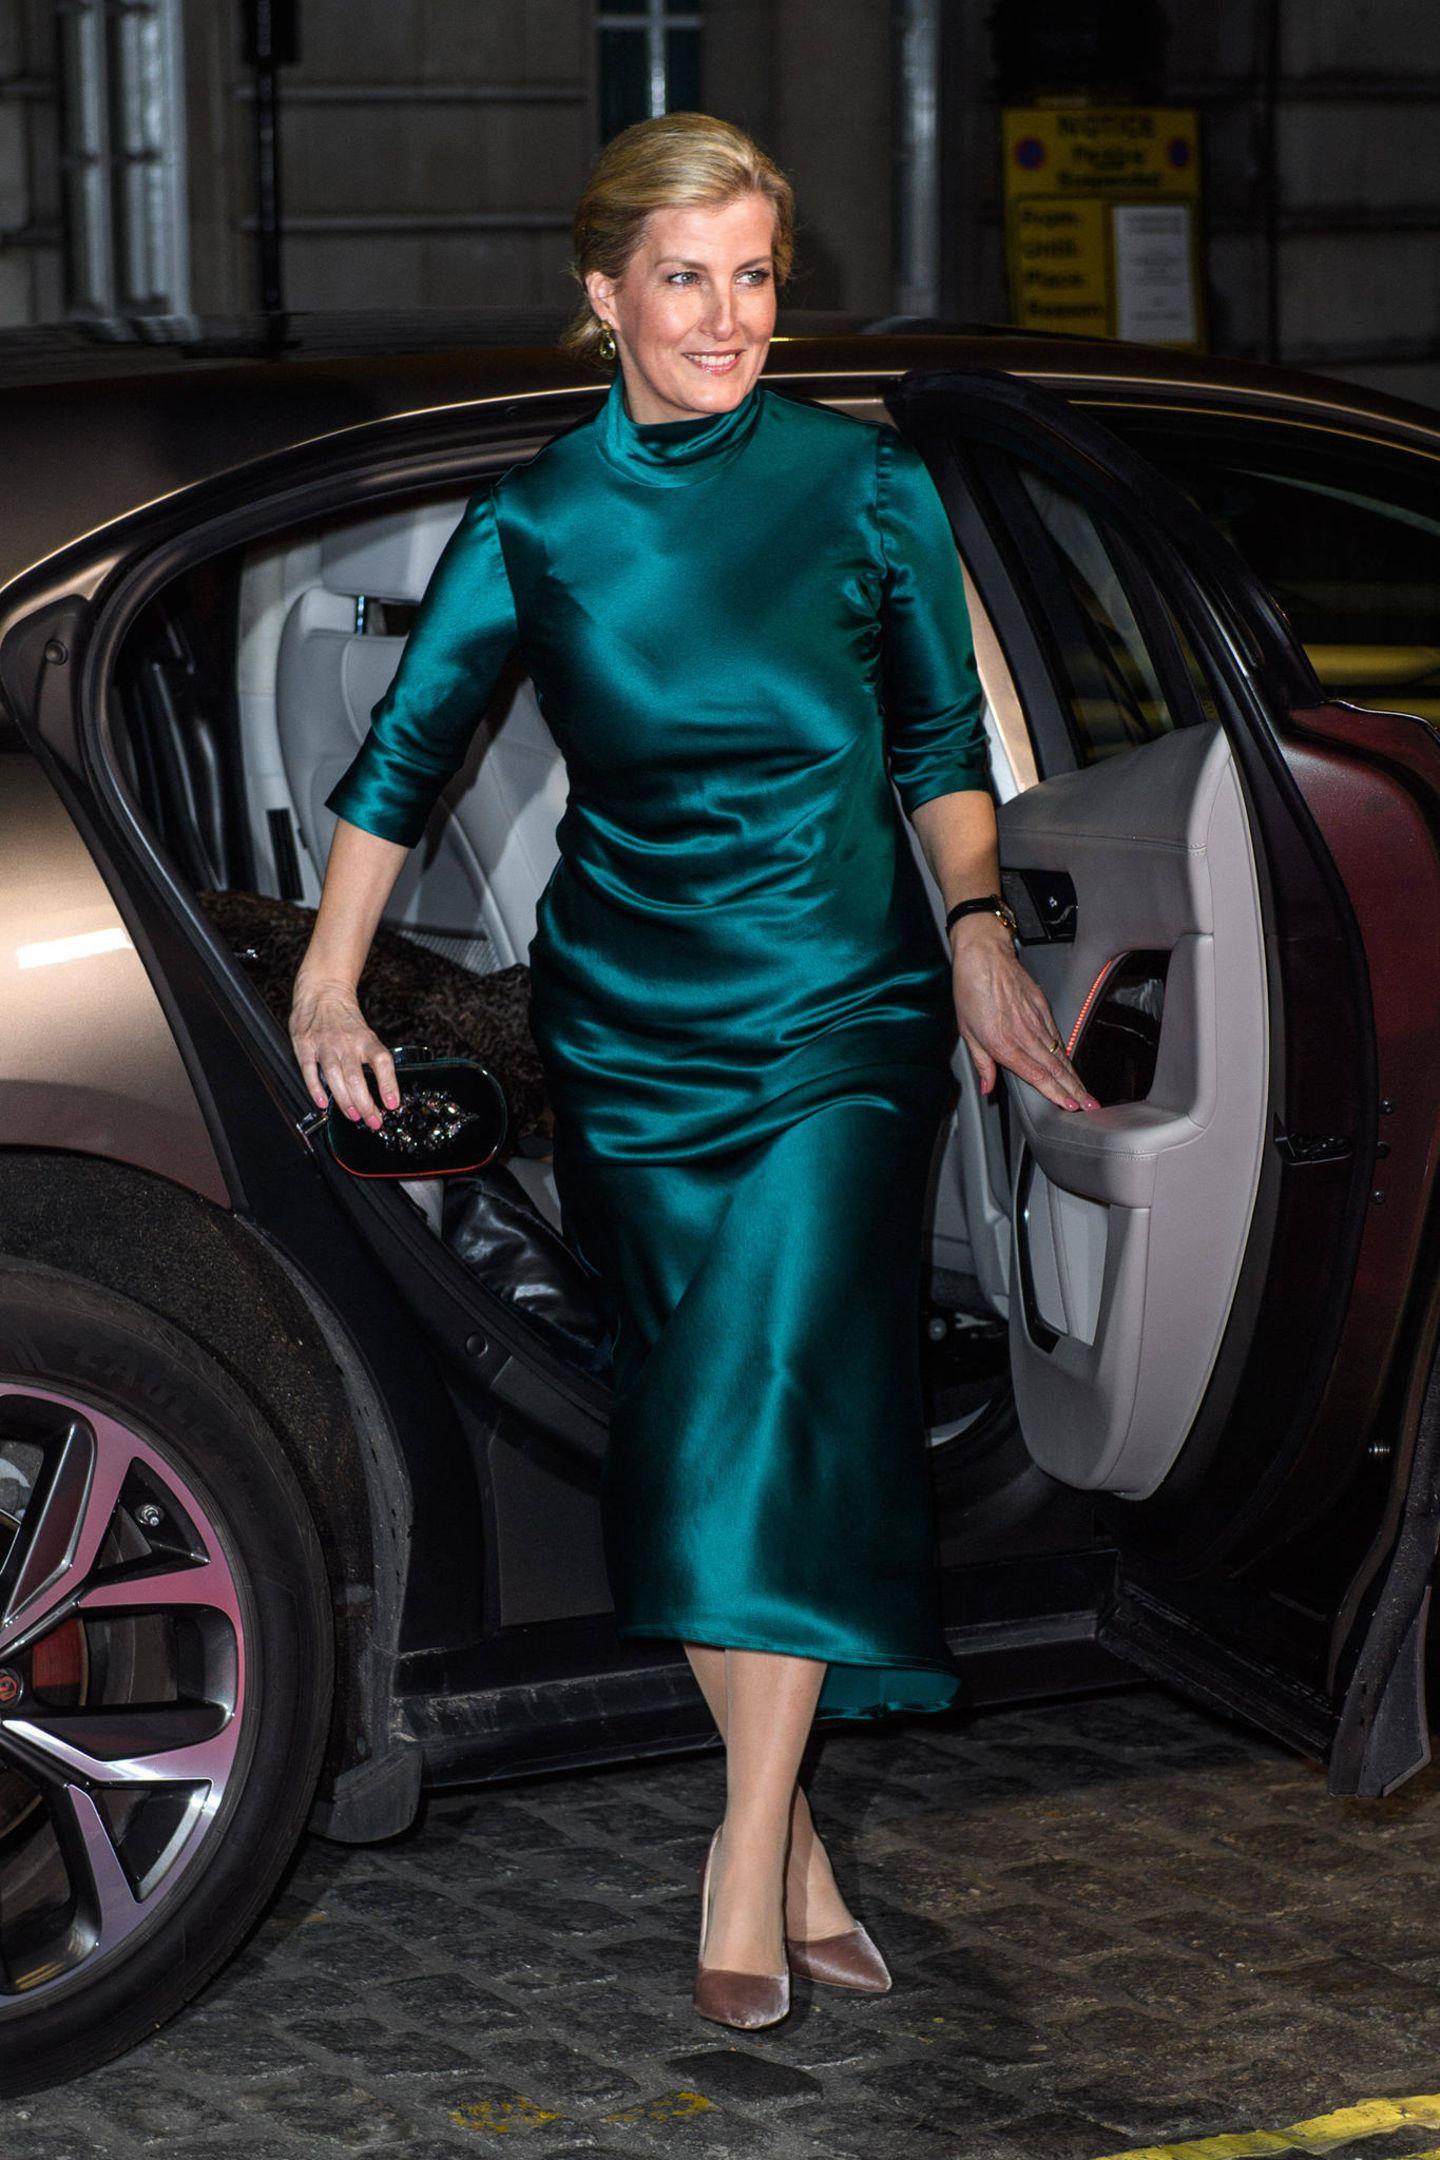 In einem schimmernden Galvan-London-Satin-Kleid in der Farbe Petrol erscheint Gräfin Sophie zur Filmpremiere von Sulphur und White. TaupefarbeneSchuhe in Samtkomplettieren den Look und ergeben einen harmonischen Materialmix. Wenige Stunden zuvor ...